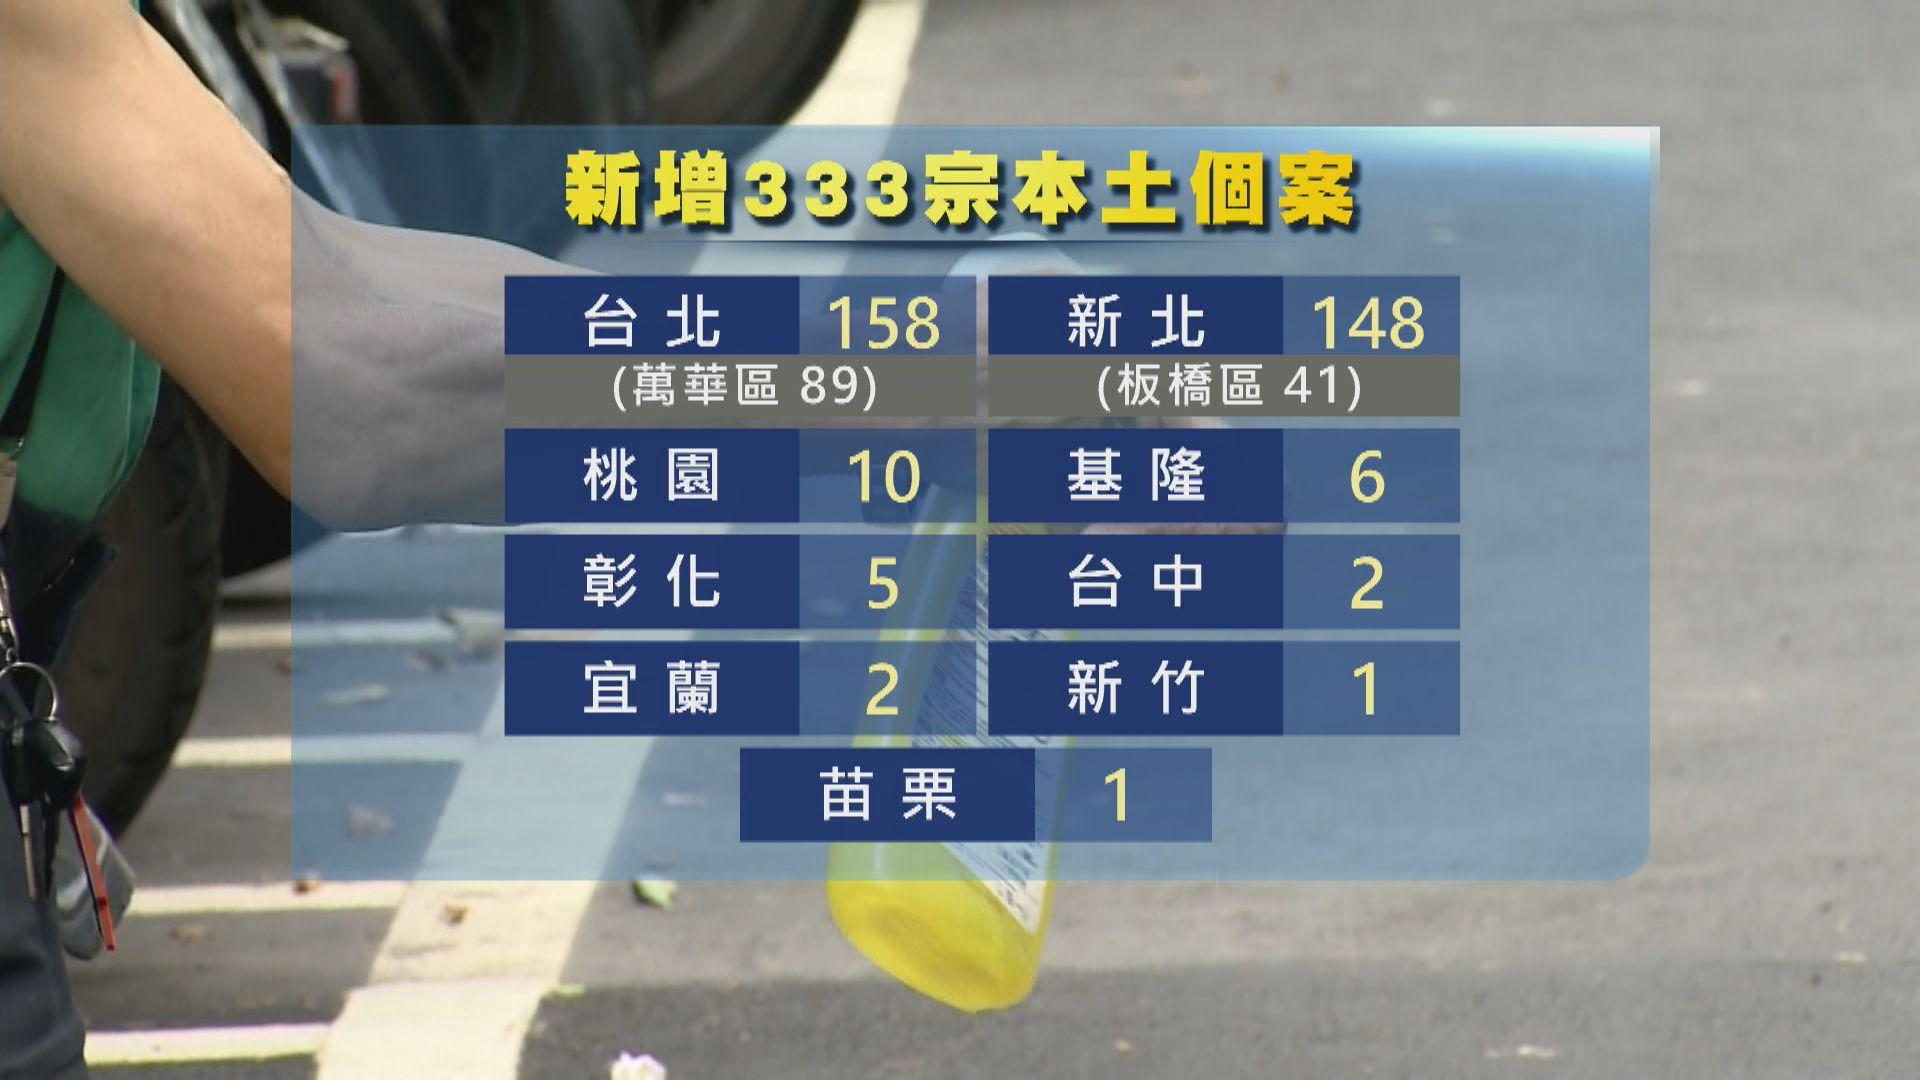 台灣新增333宗確診 周三起暫停非居民入境或轉機